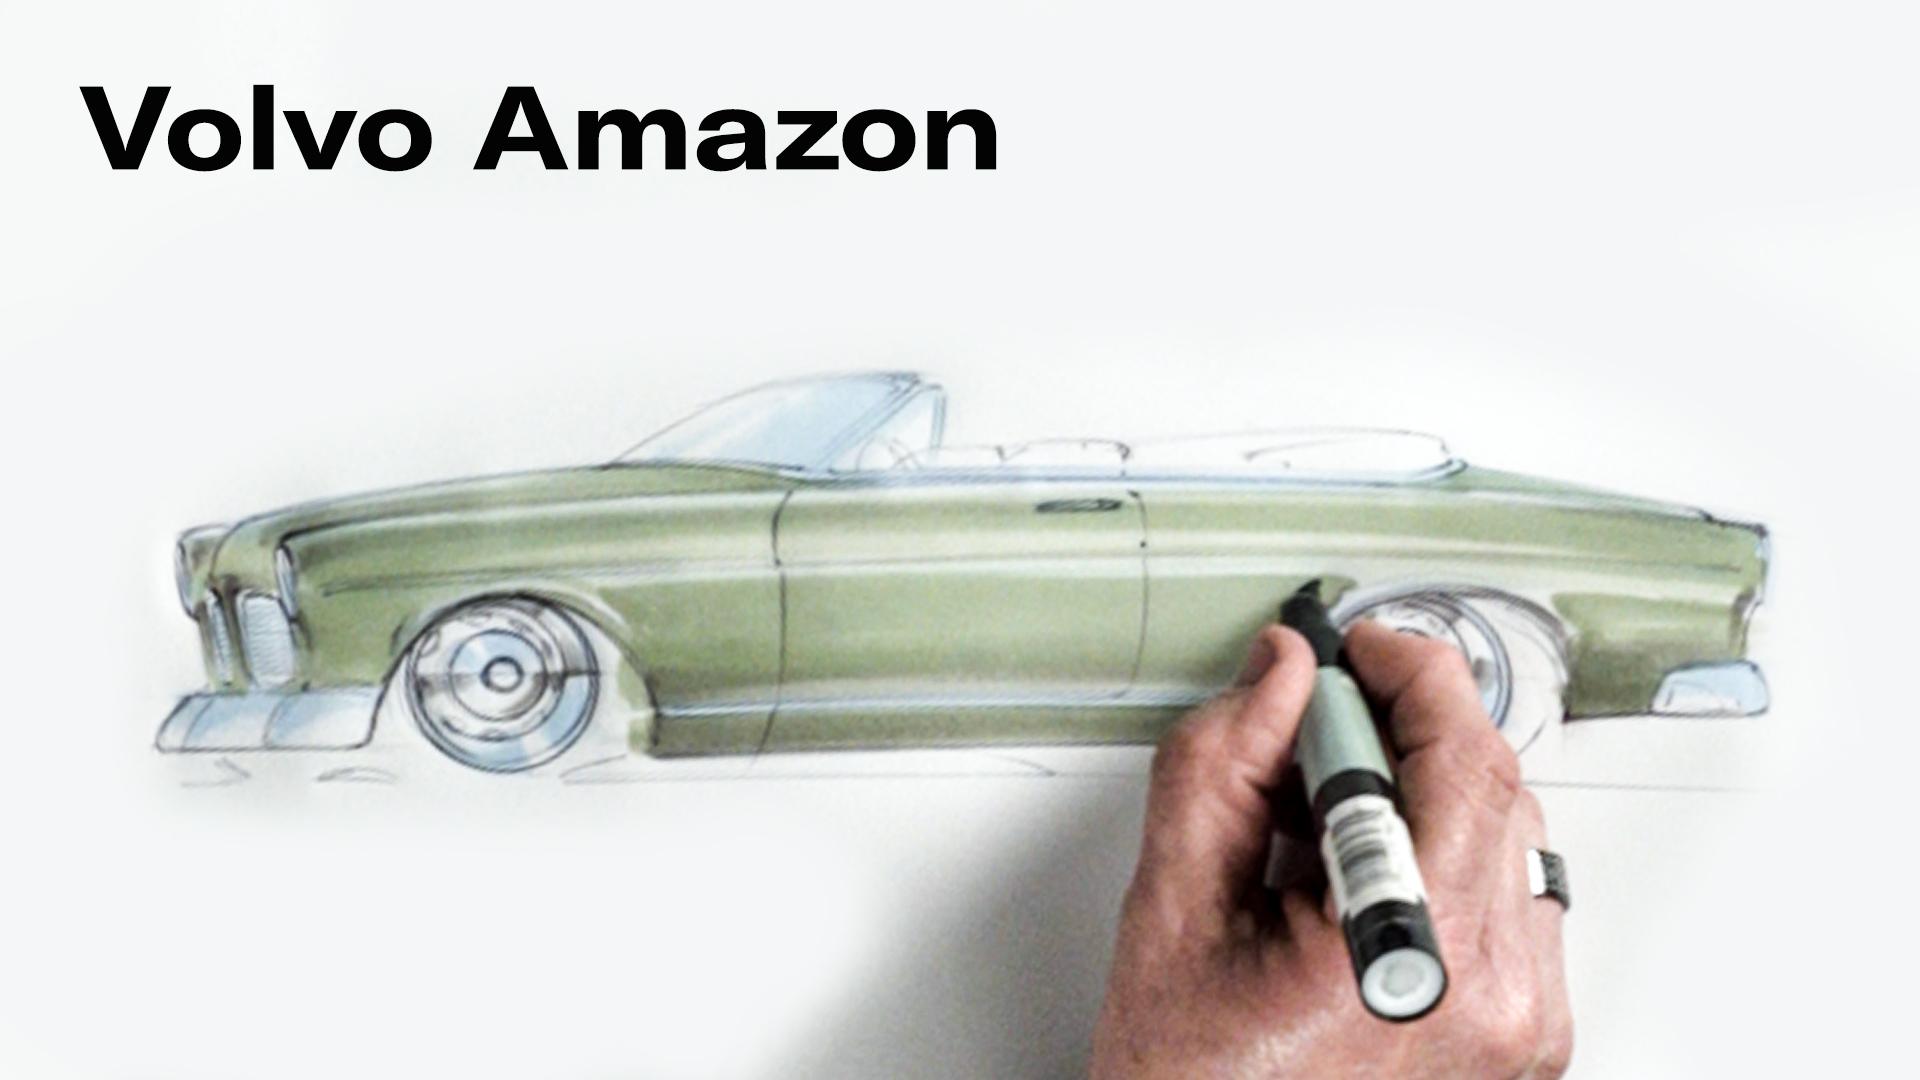 Chip Foose draws a Volvo Amazon